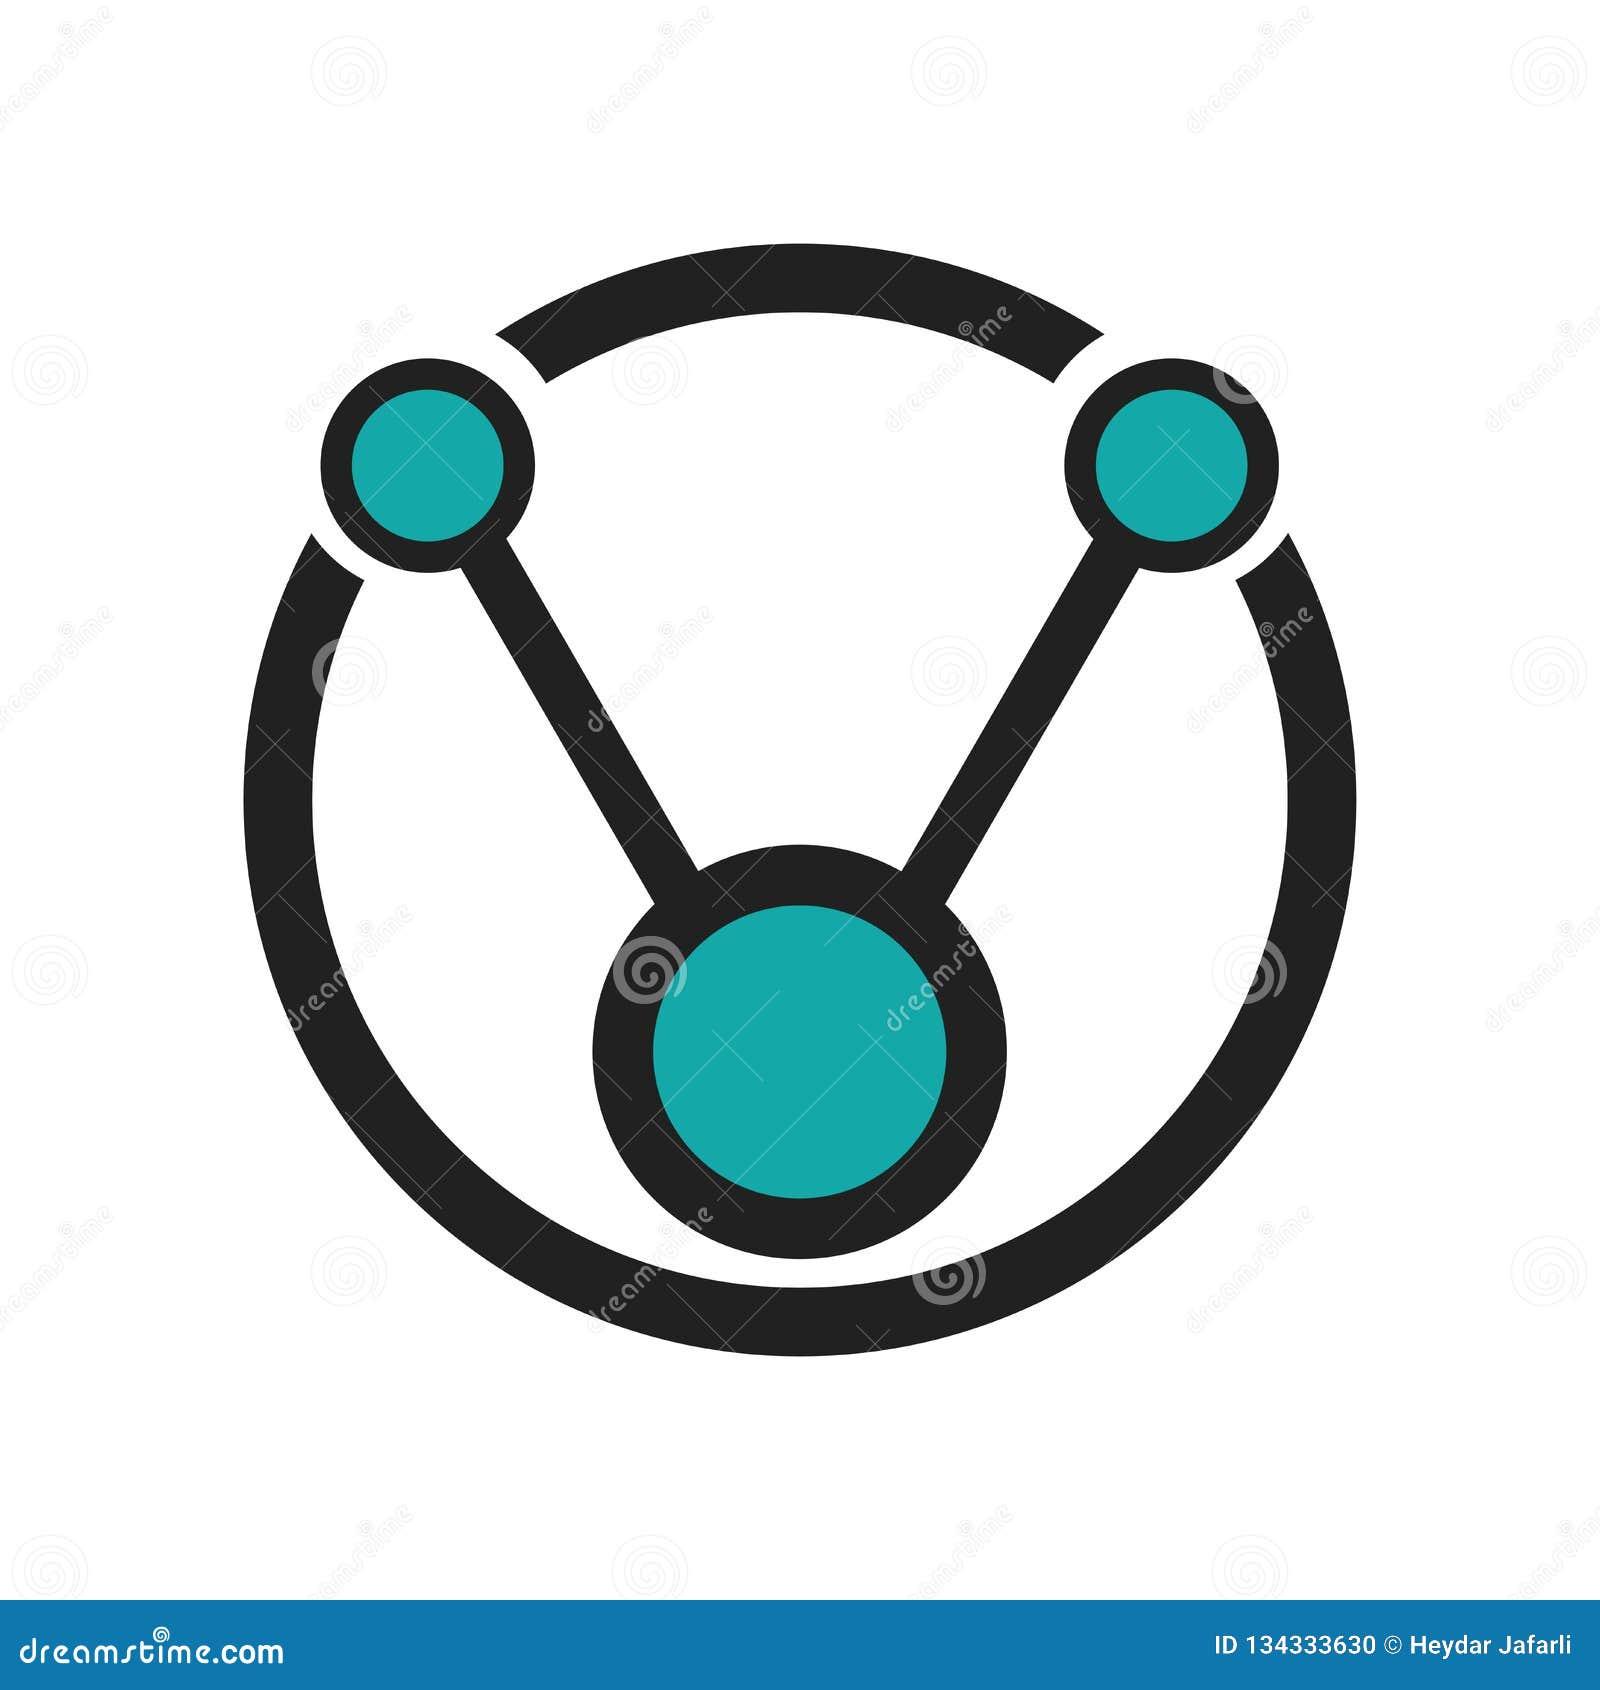 数据连接了圆图形接口标志象在白色背景隔绝的传染媒介标志和标志,数据被连接的通报